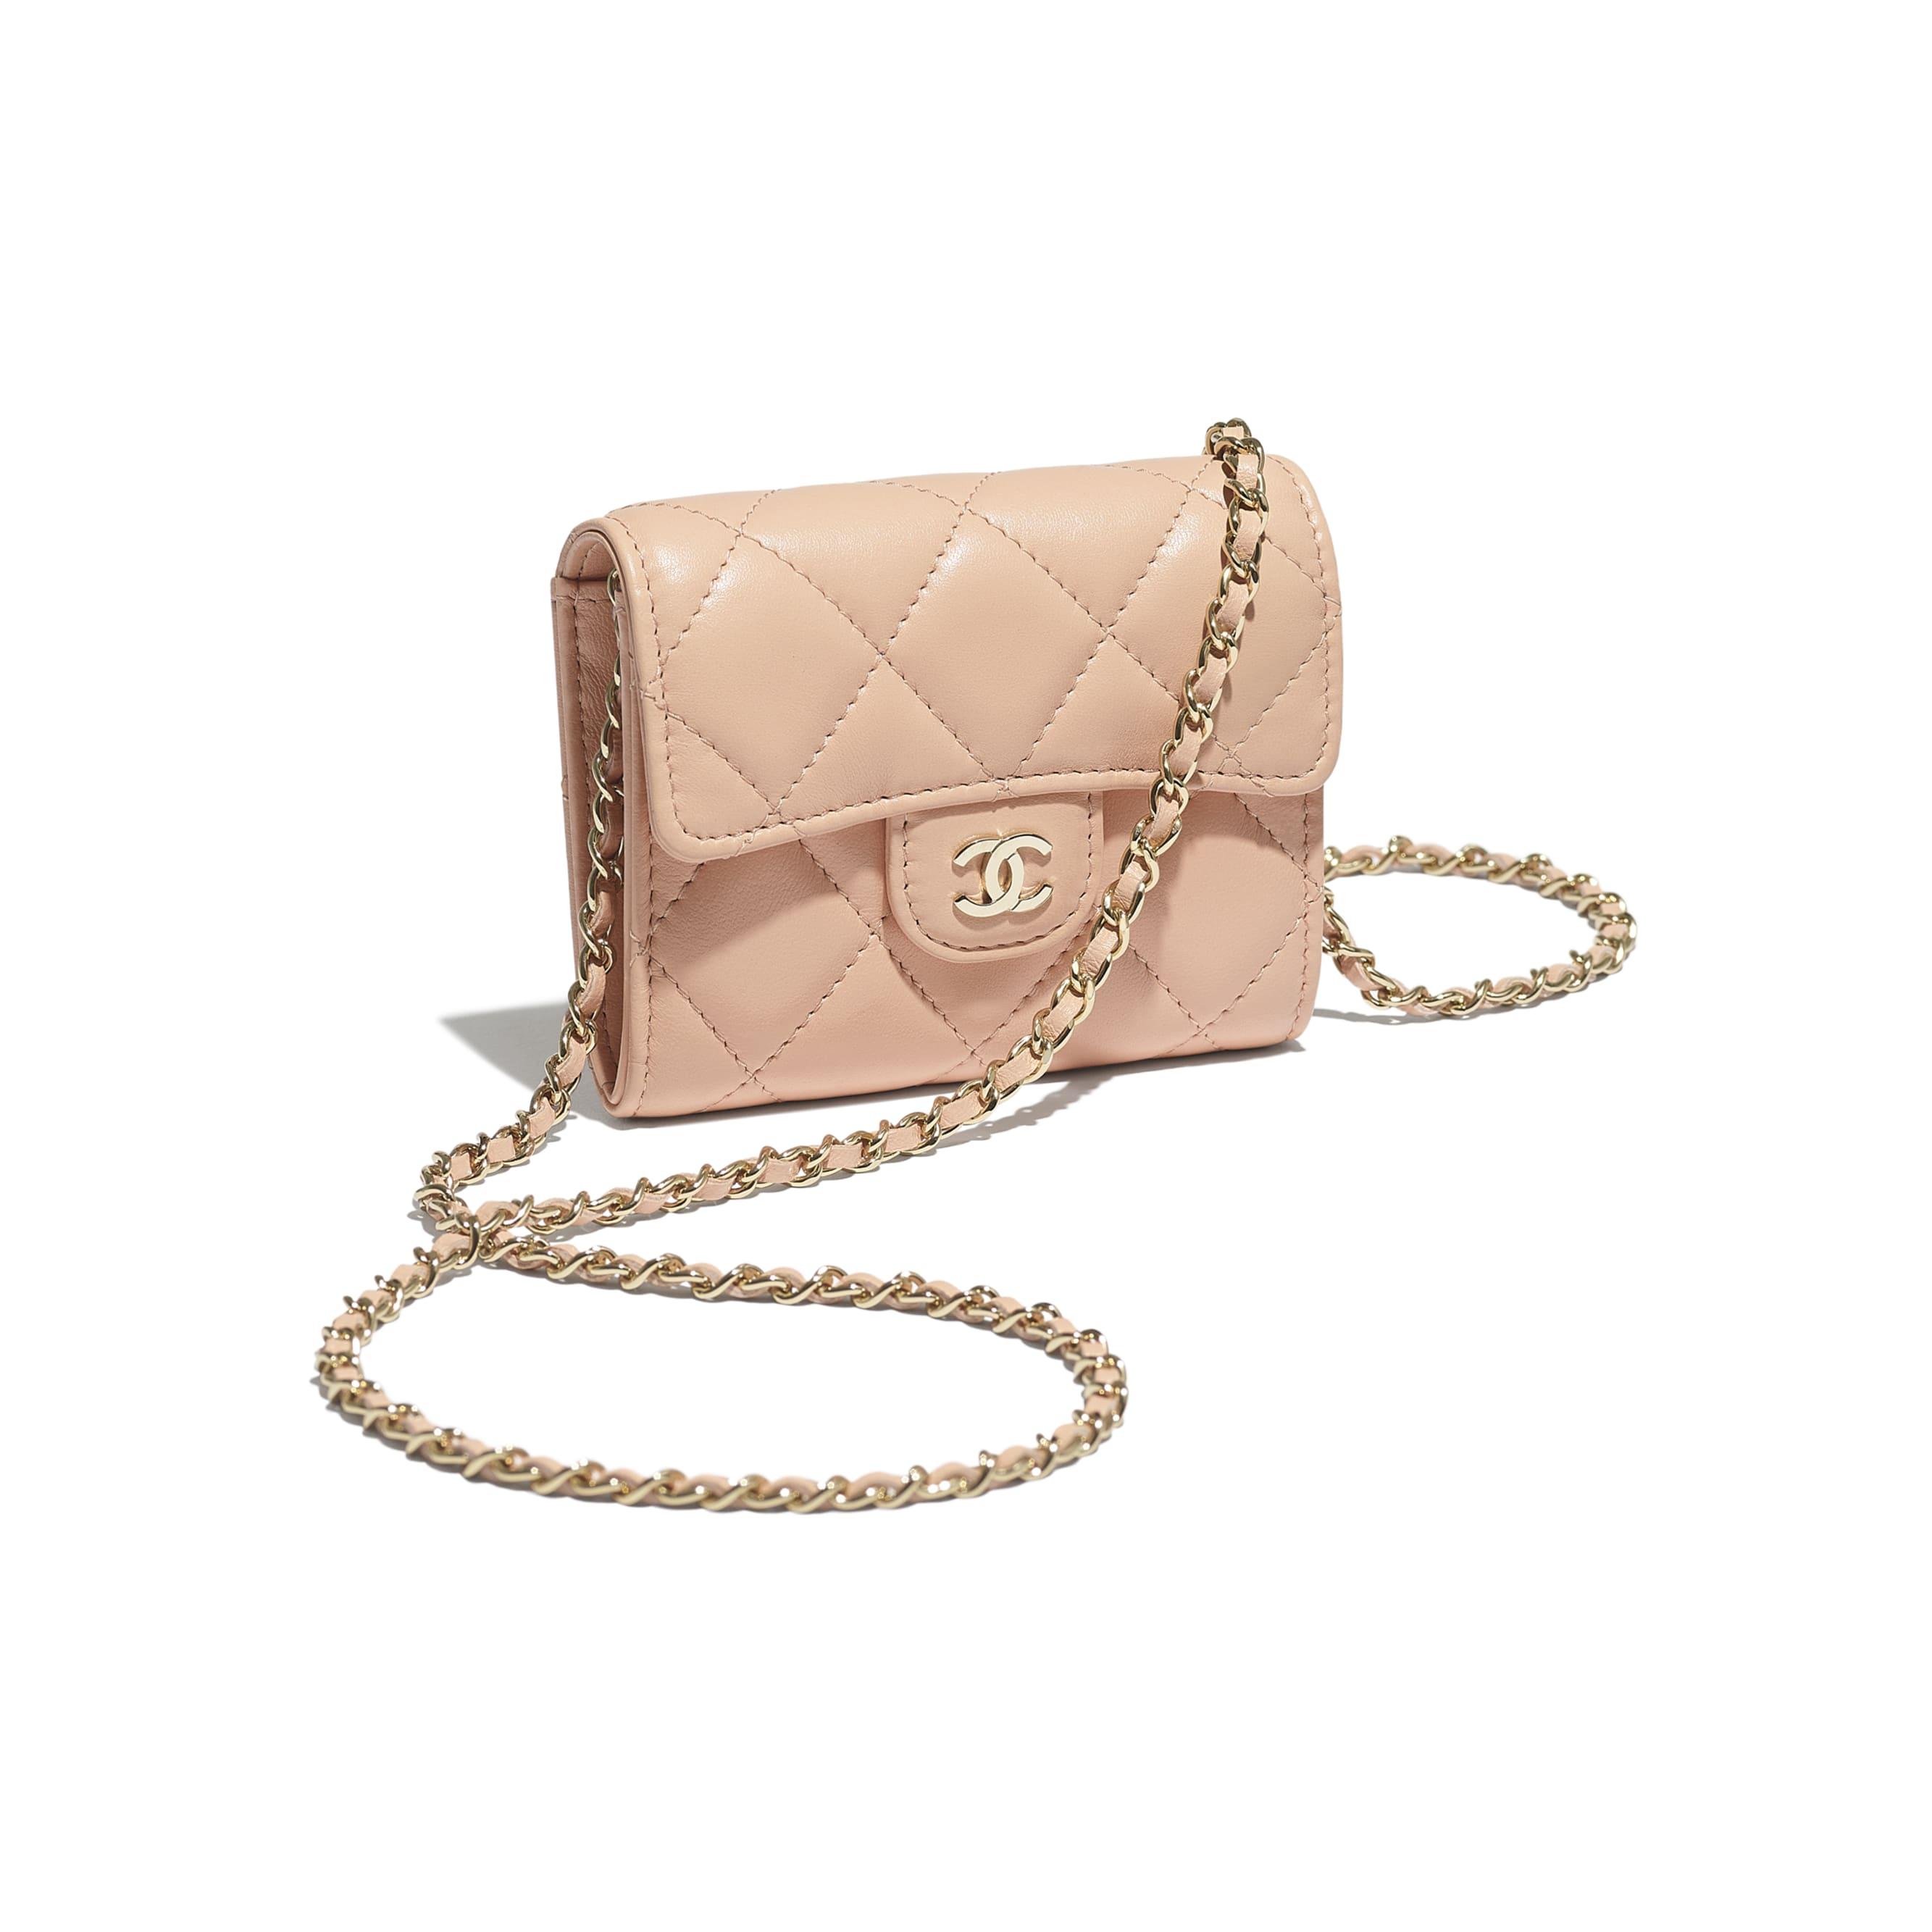 Clutch con catena classica - Rosa chiaro - Pelle di agnello & metallo effetto dorato - CHANEL - Immagine extra - vedere versione standard